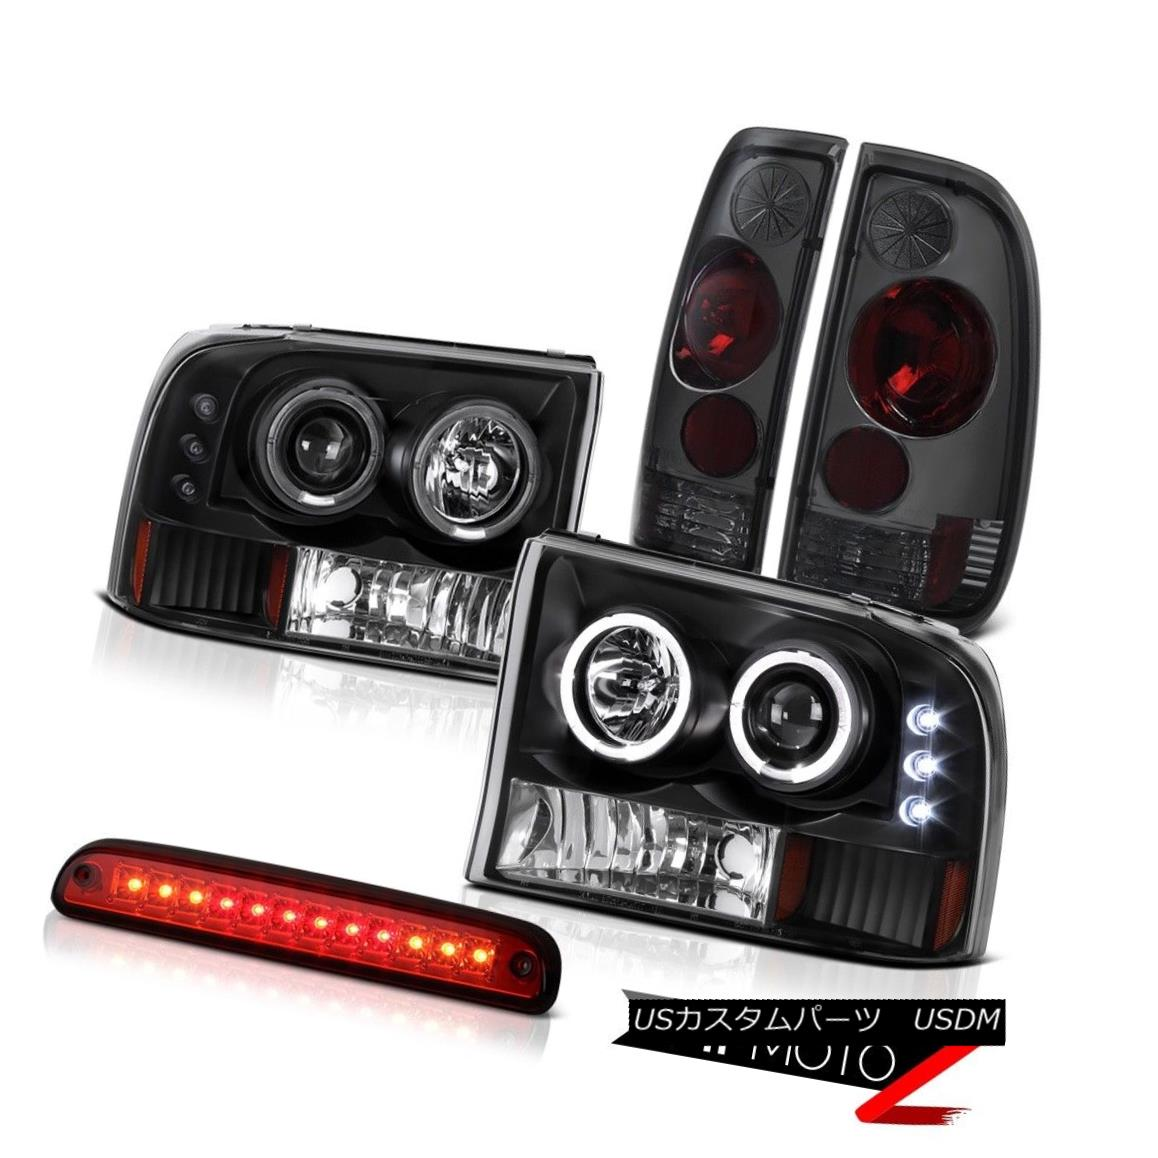 ヘッドライト Black Headlights SMD Halo High Stop LED Red Tinted Tail Lamps 99-04 F250 6.8L ブラックヘッドライトSMD HaloハイストップLEDレッドティンテッドテールランプ99-04 F250 6.8L